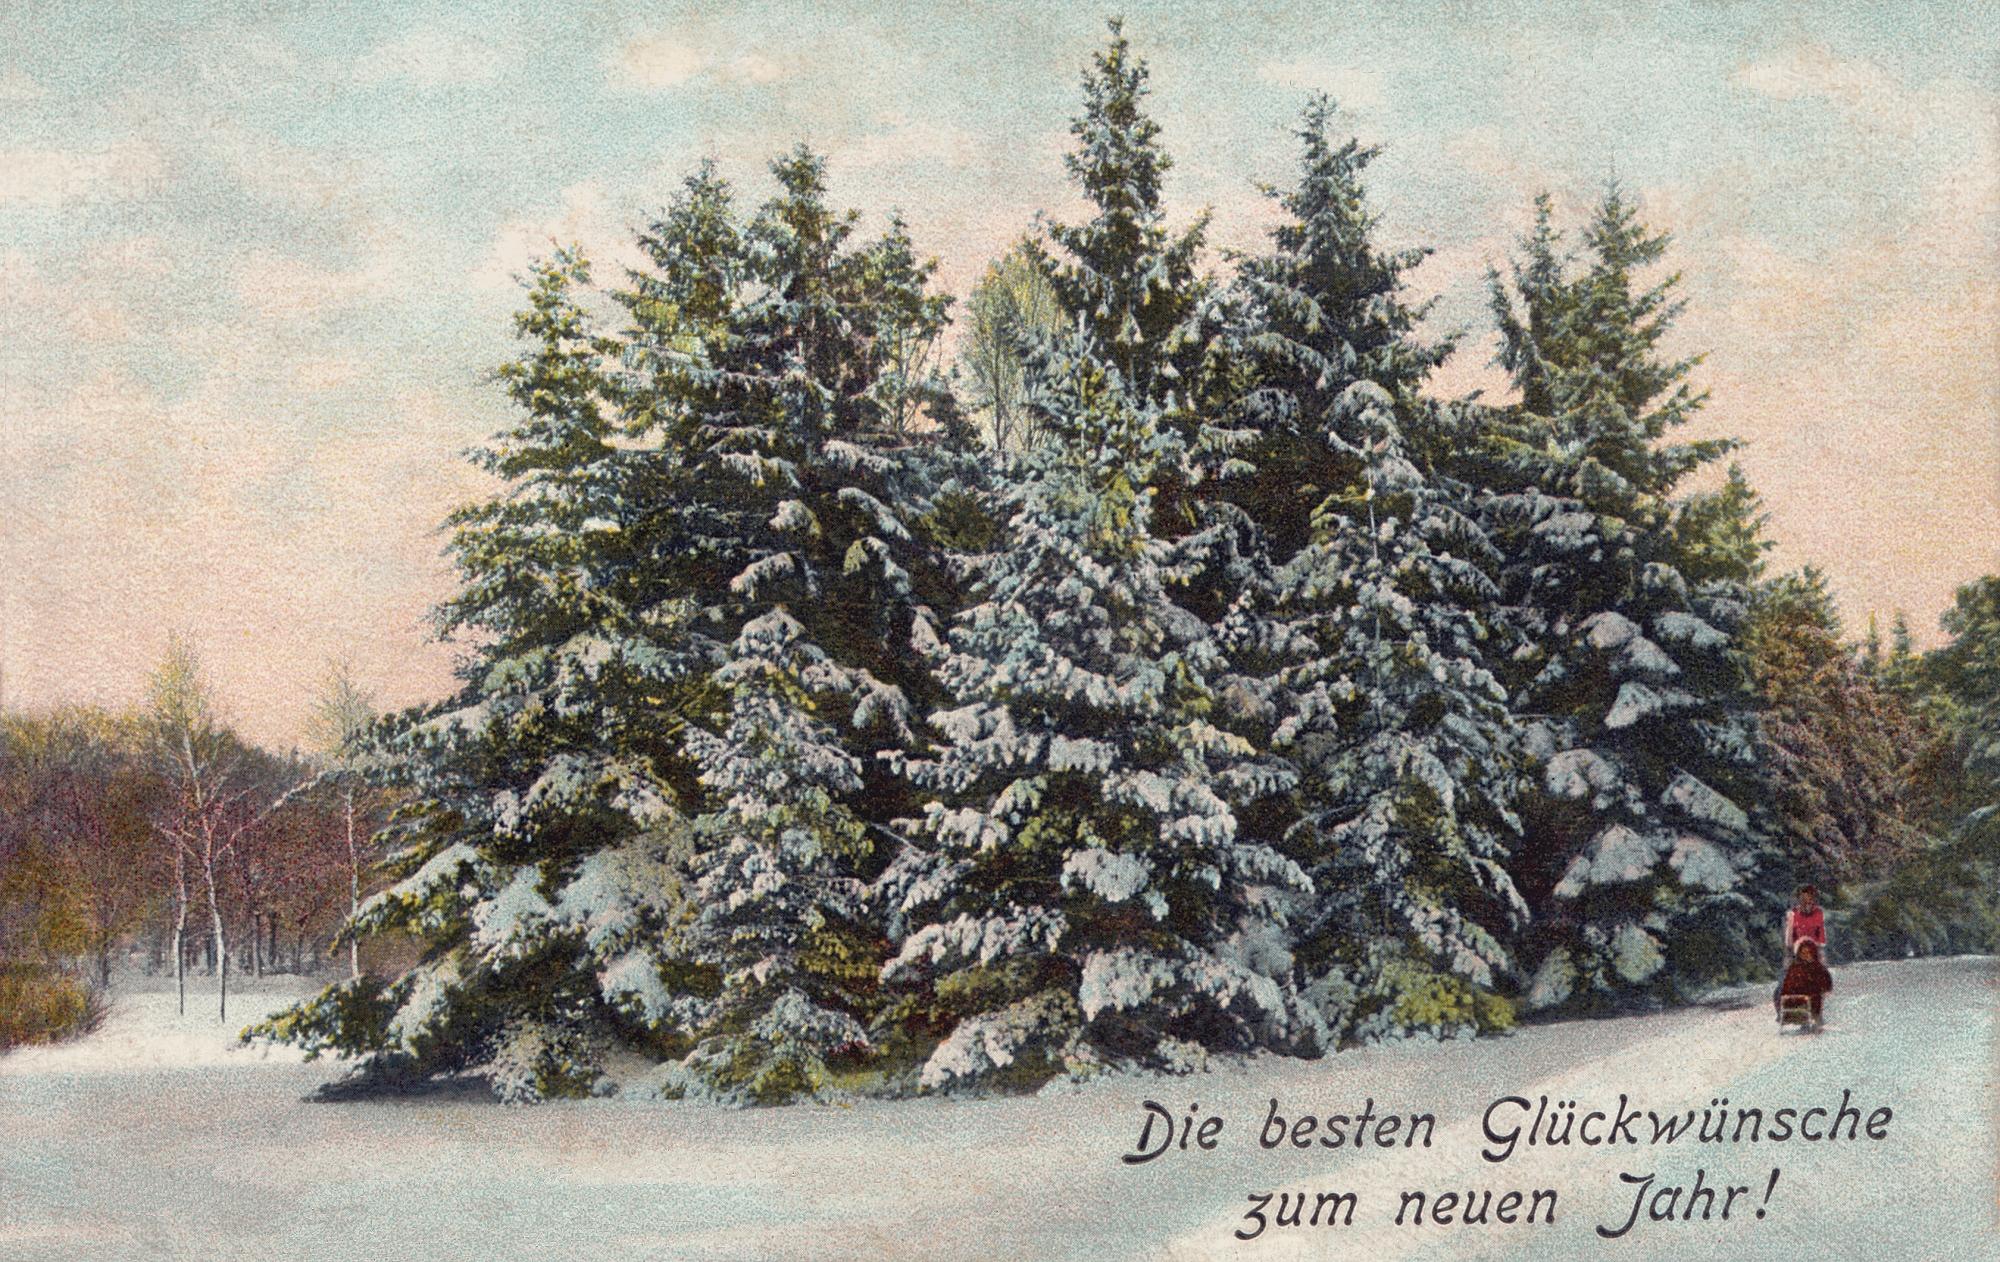 Nr.444 - Tannenpartie im Winter, Schlitten